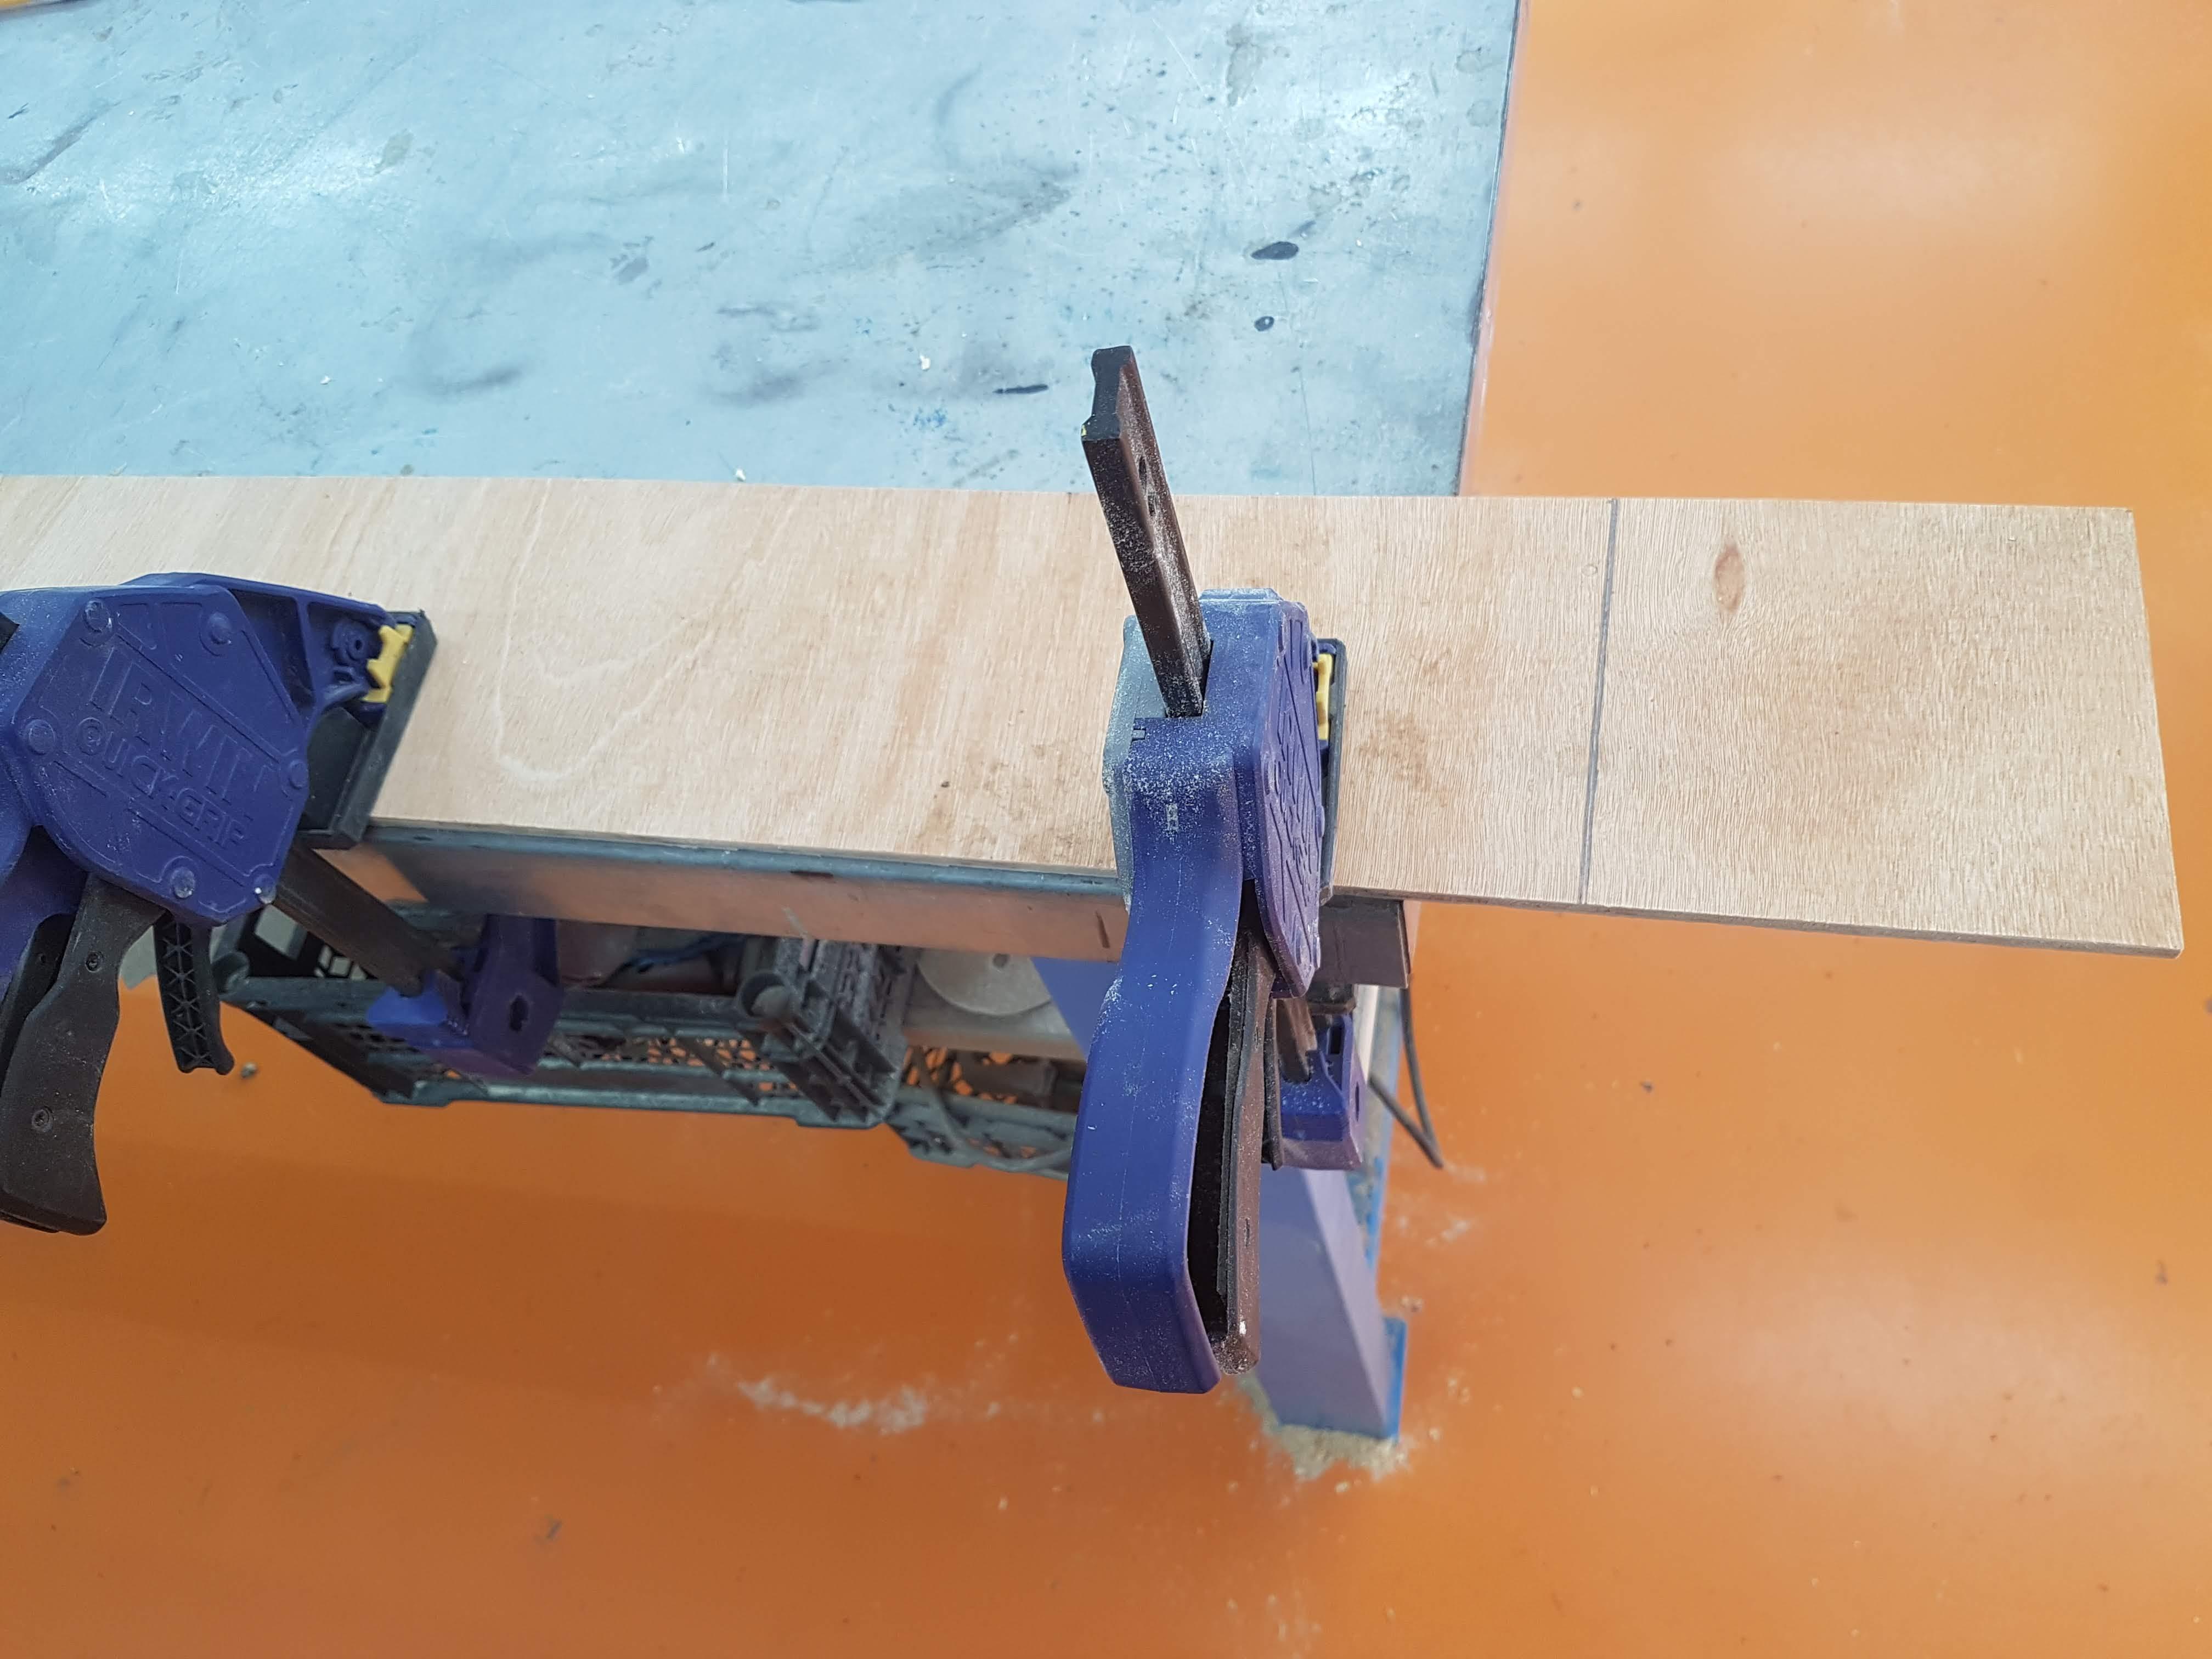 אחיזה של הלוח בקצה השולחן, כשקו החיתוך במרחק של 3-4 ס: